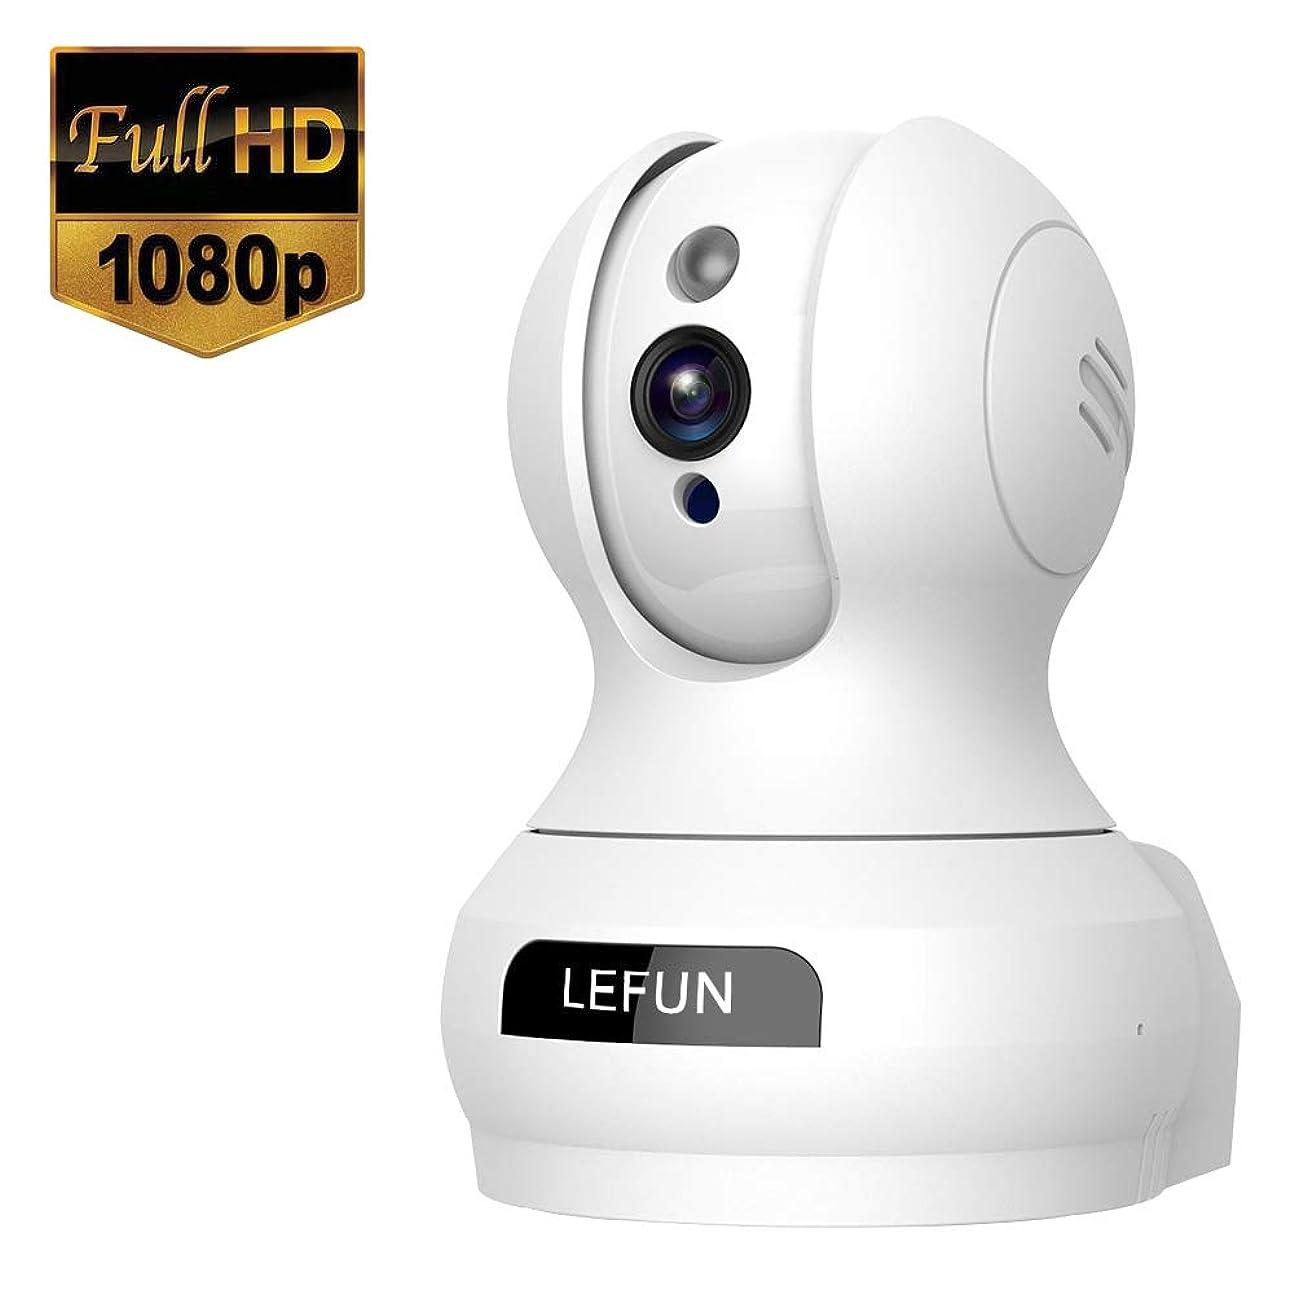 あなたは艦隊加害者Lefun ネットワークカメラ1080P 200万画素 ベビーモニター IP監視防犯カメラ 高解像度 無線ワイヤレス屋内カメラ 【wifi 強化 遠隔スマホ操作 動体検知 警報通知 双方向音声 暗視機能 録画可能 技適認証済み ホワイト